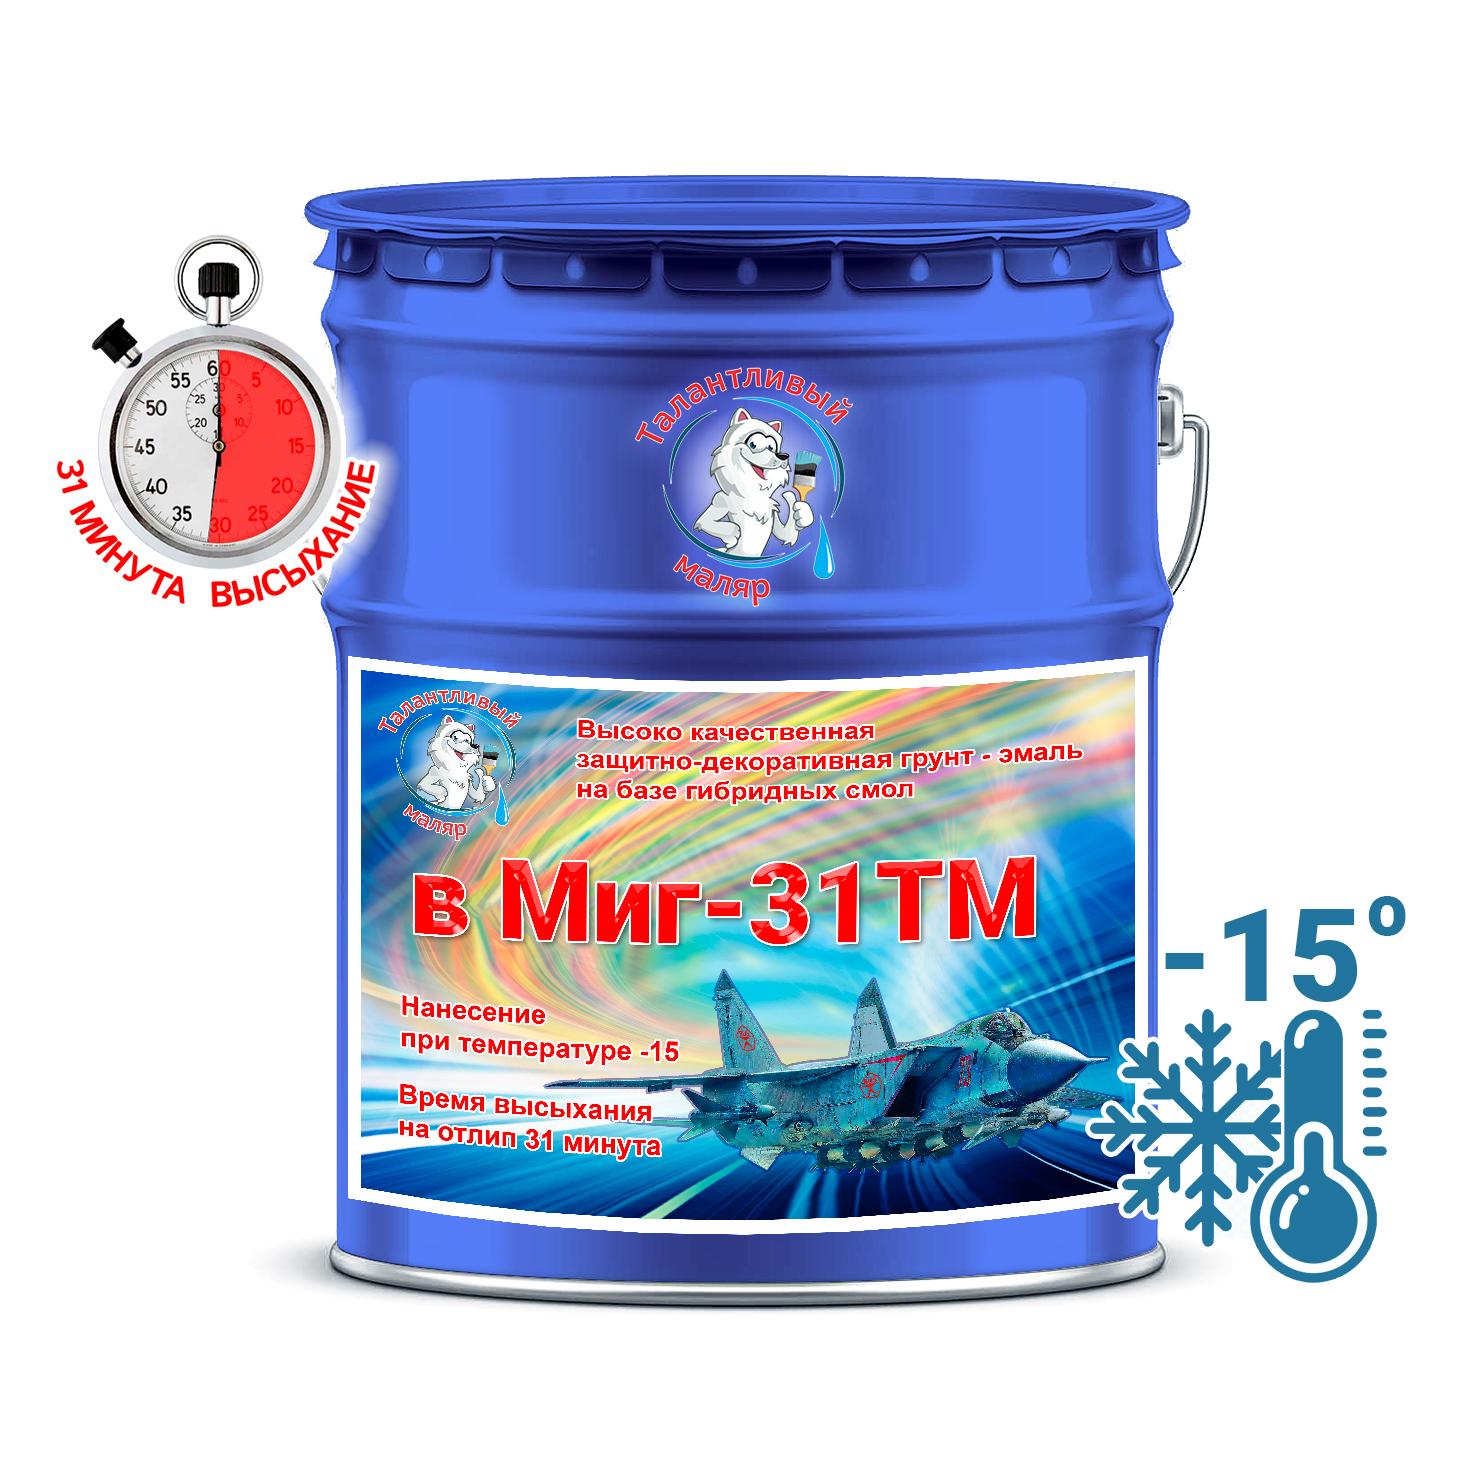 """Фото 6 - Грунт-Эмаль Премиум  """"ВМИГ - 31 ТМ"""" цвет RAL 5005 Сигнальный синий, полуглянцевая, быстросохнущая, морозостойкая, на базе гибридных смол, по ржавчине 3 в 1, 20 кг """"Талантливый Маляр""""."""